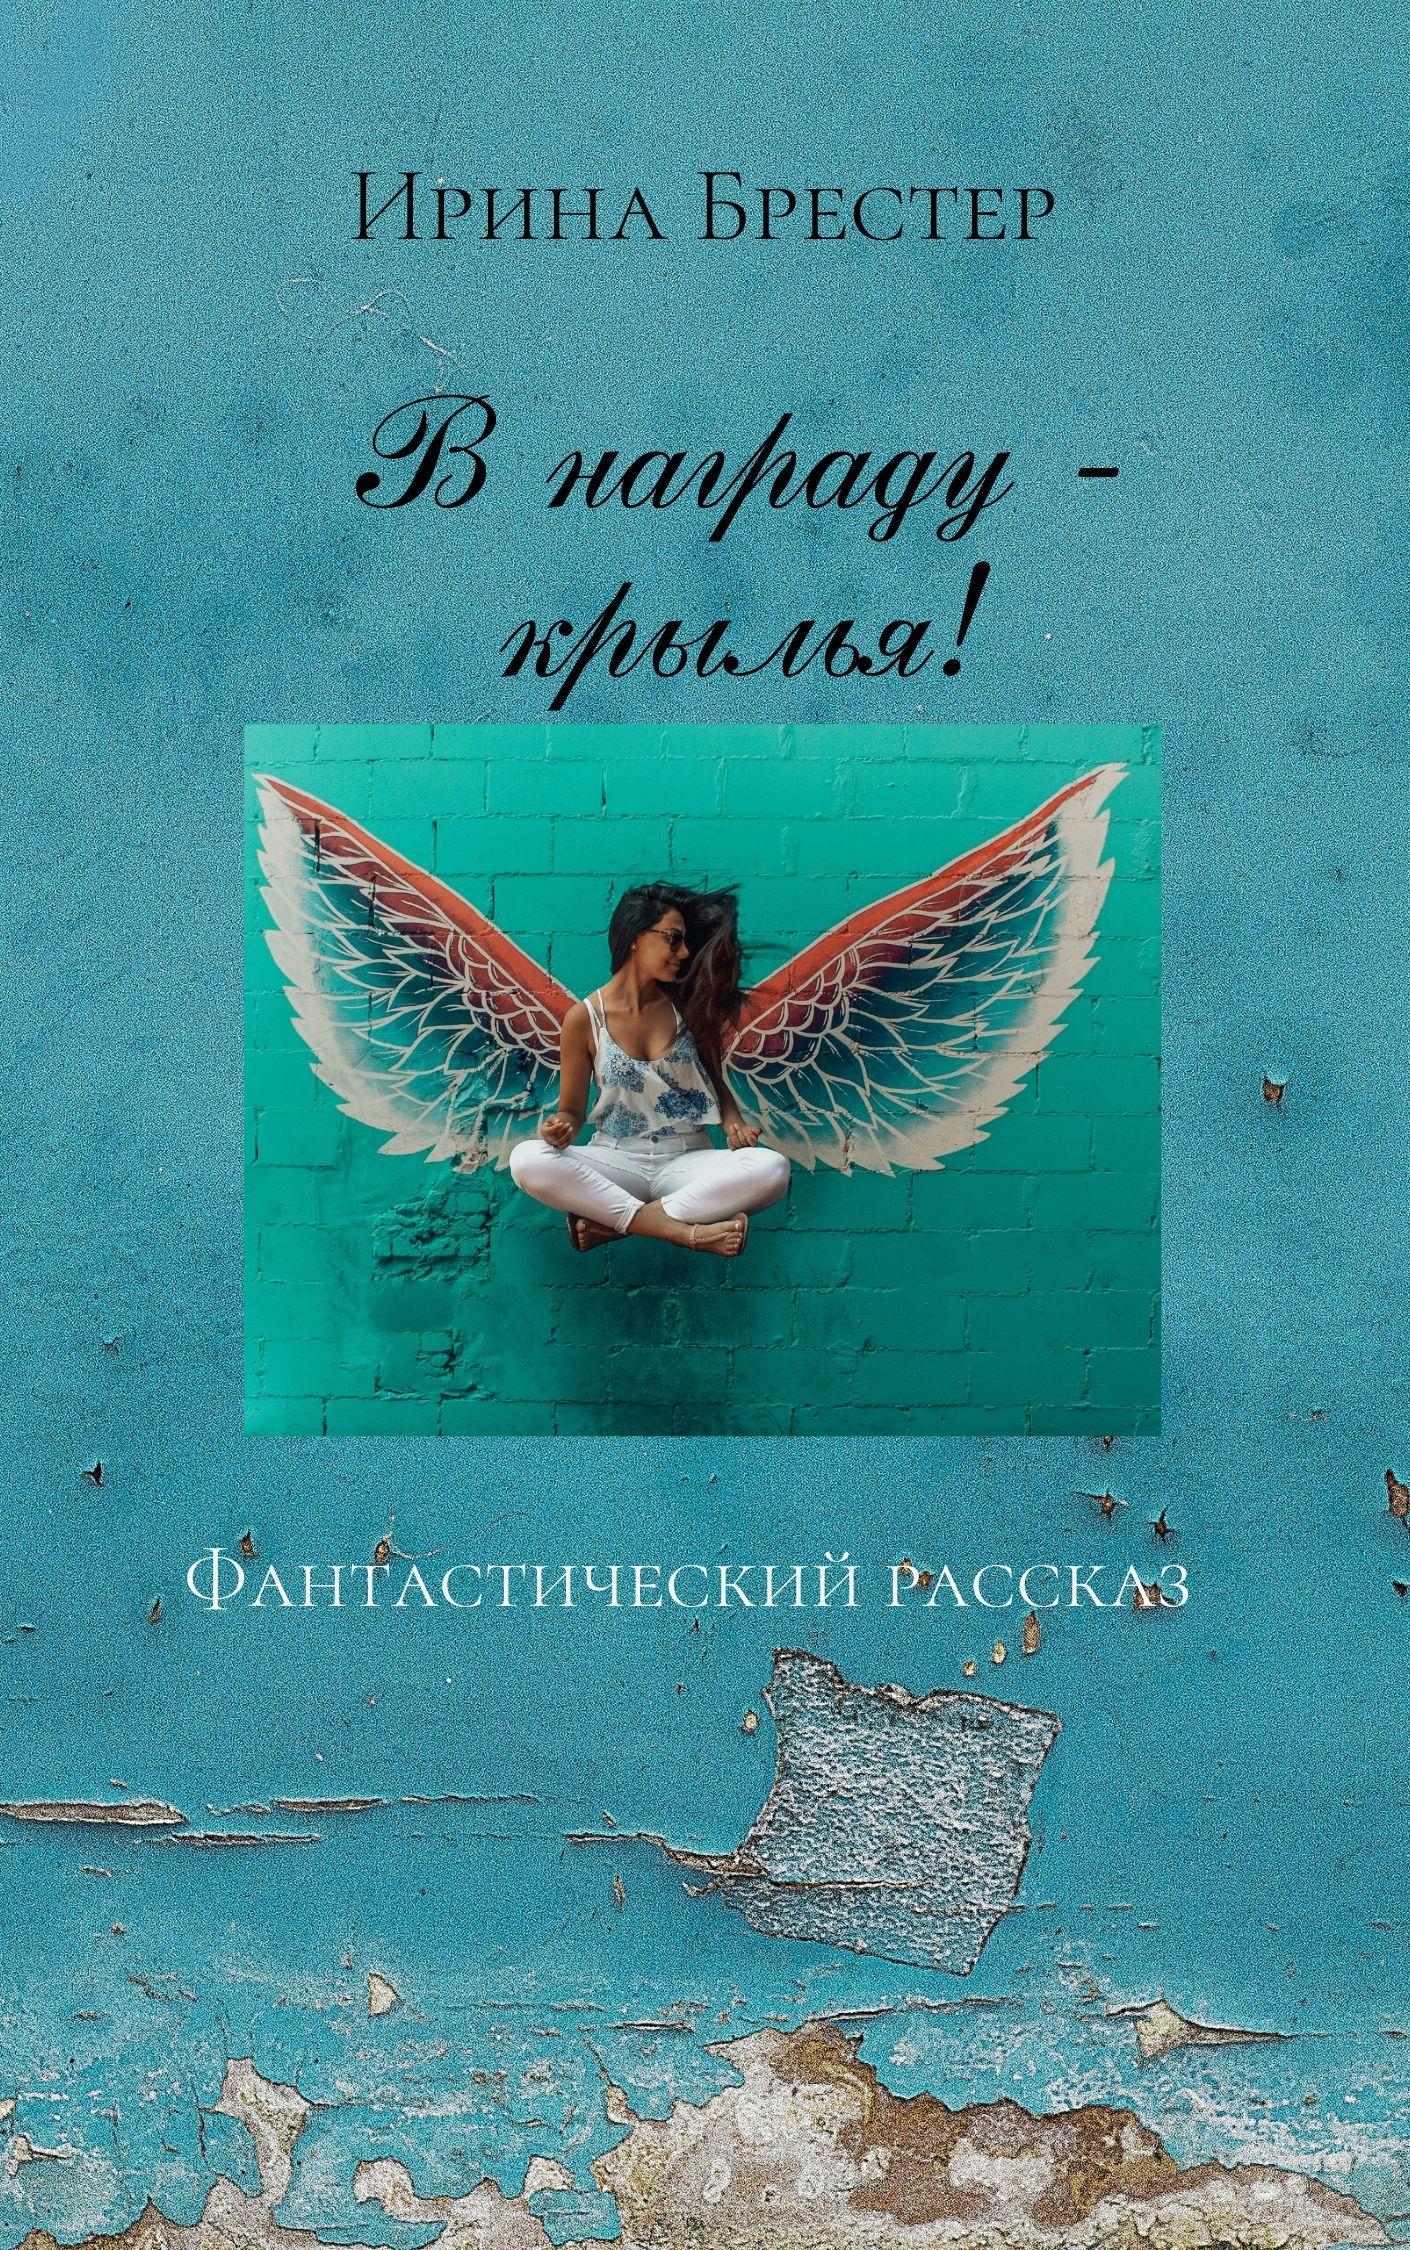 В награду - крылья!